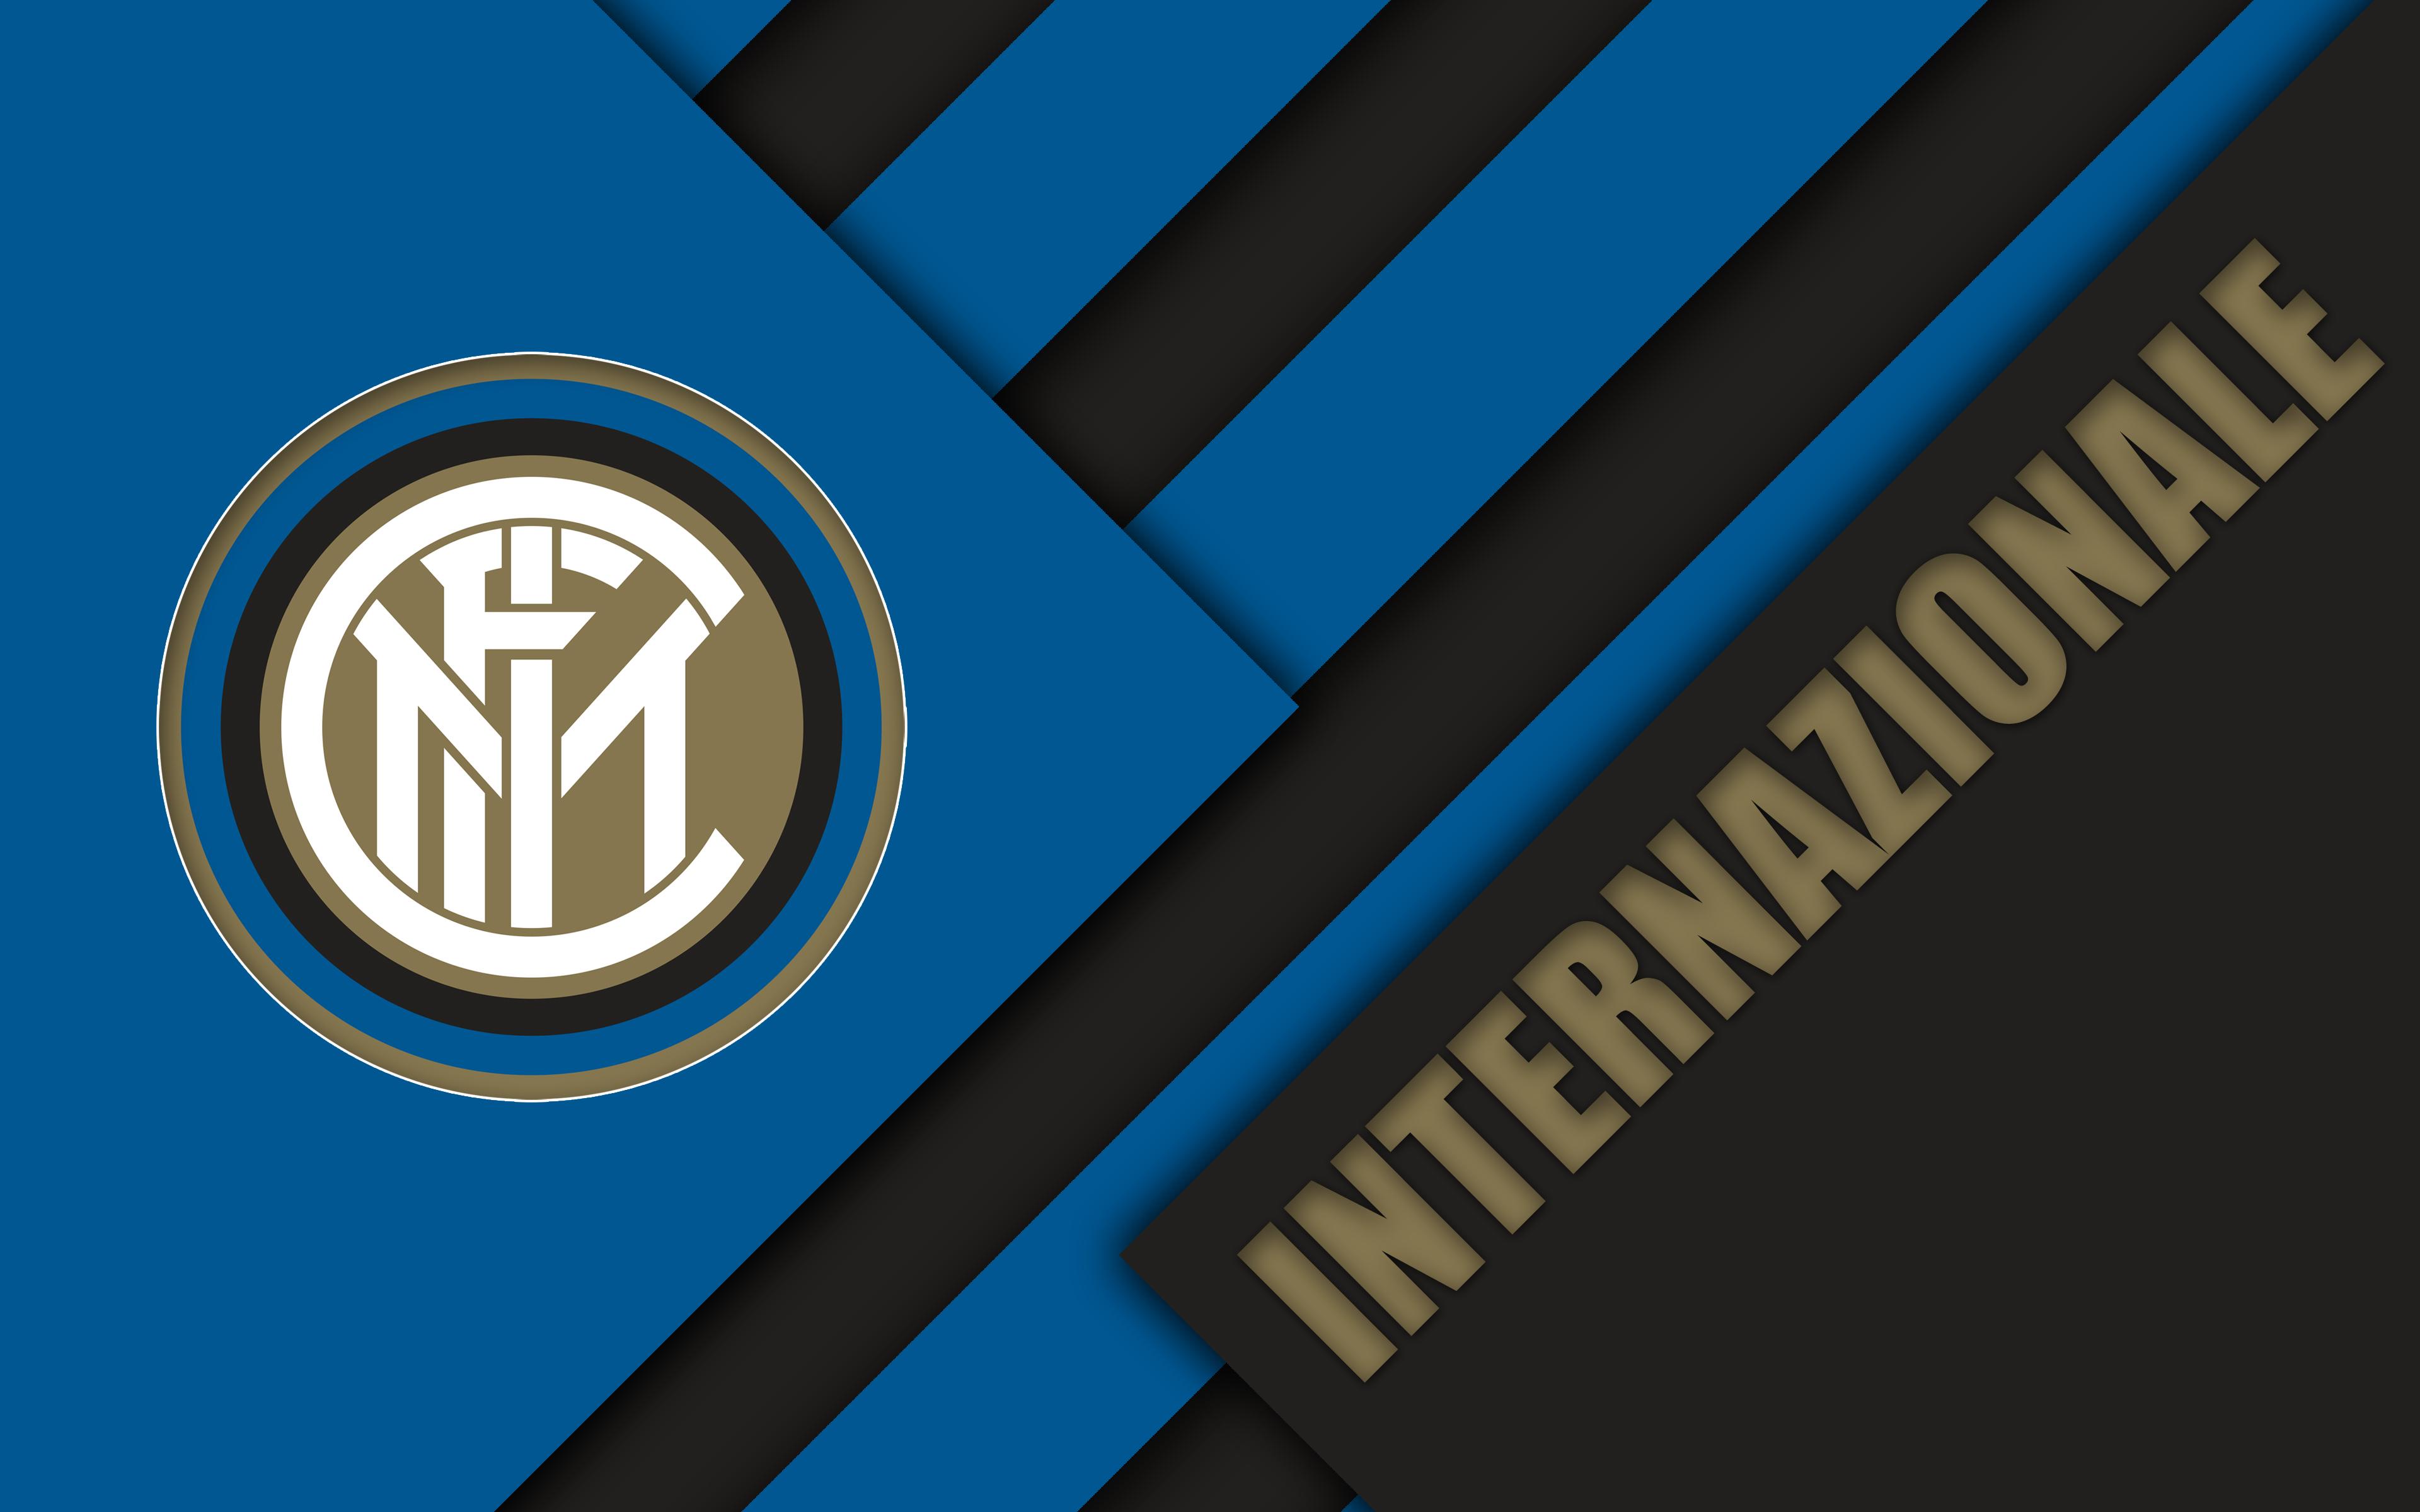 Inter Milan 4k Ultra Hd Wallpaper Background Image